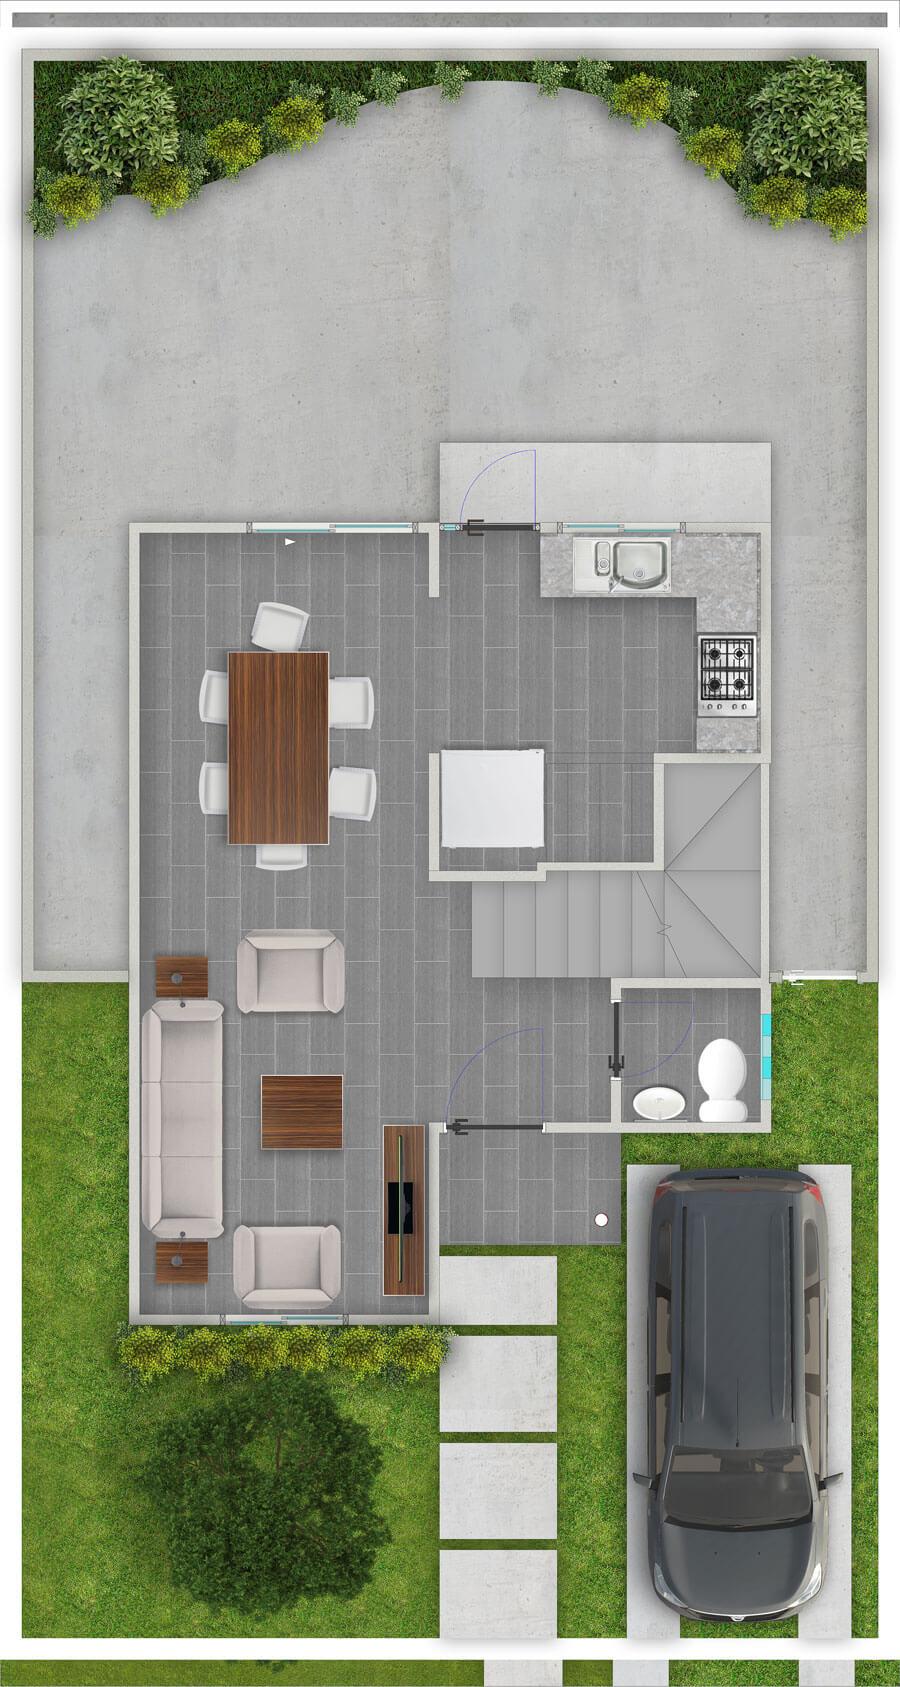 galilea-inmobiliaria-constructora-ecuador-render-interior-casa-modelo-bungavilla-80-m2-planta-baja